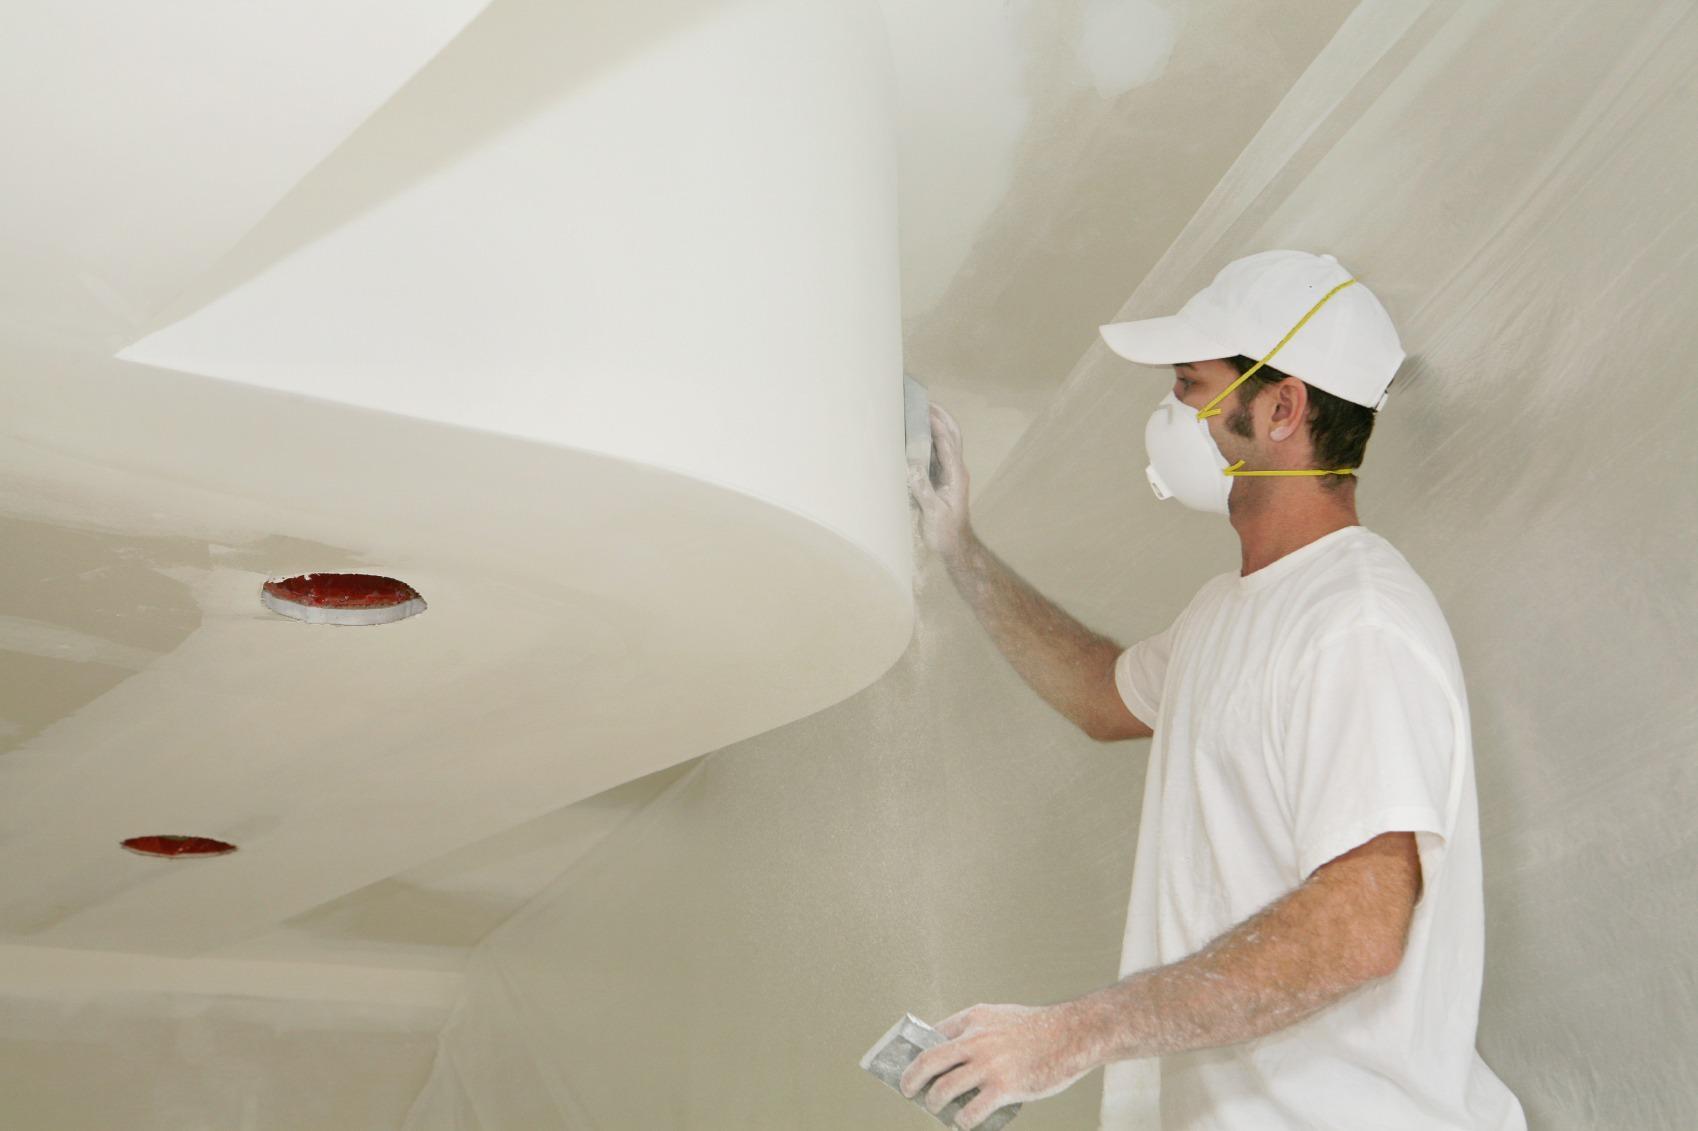 TCM Drywall